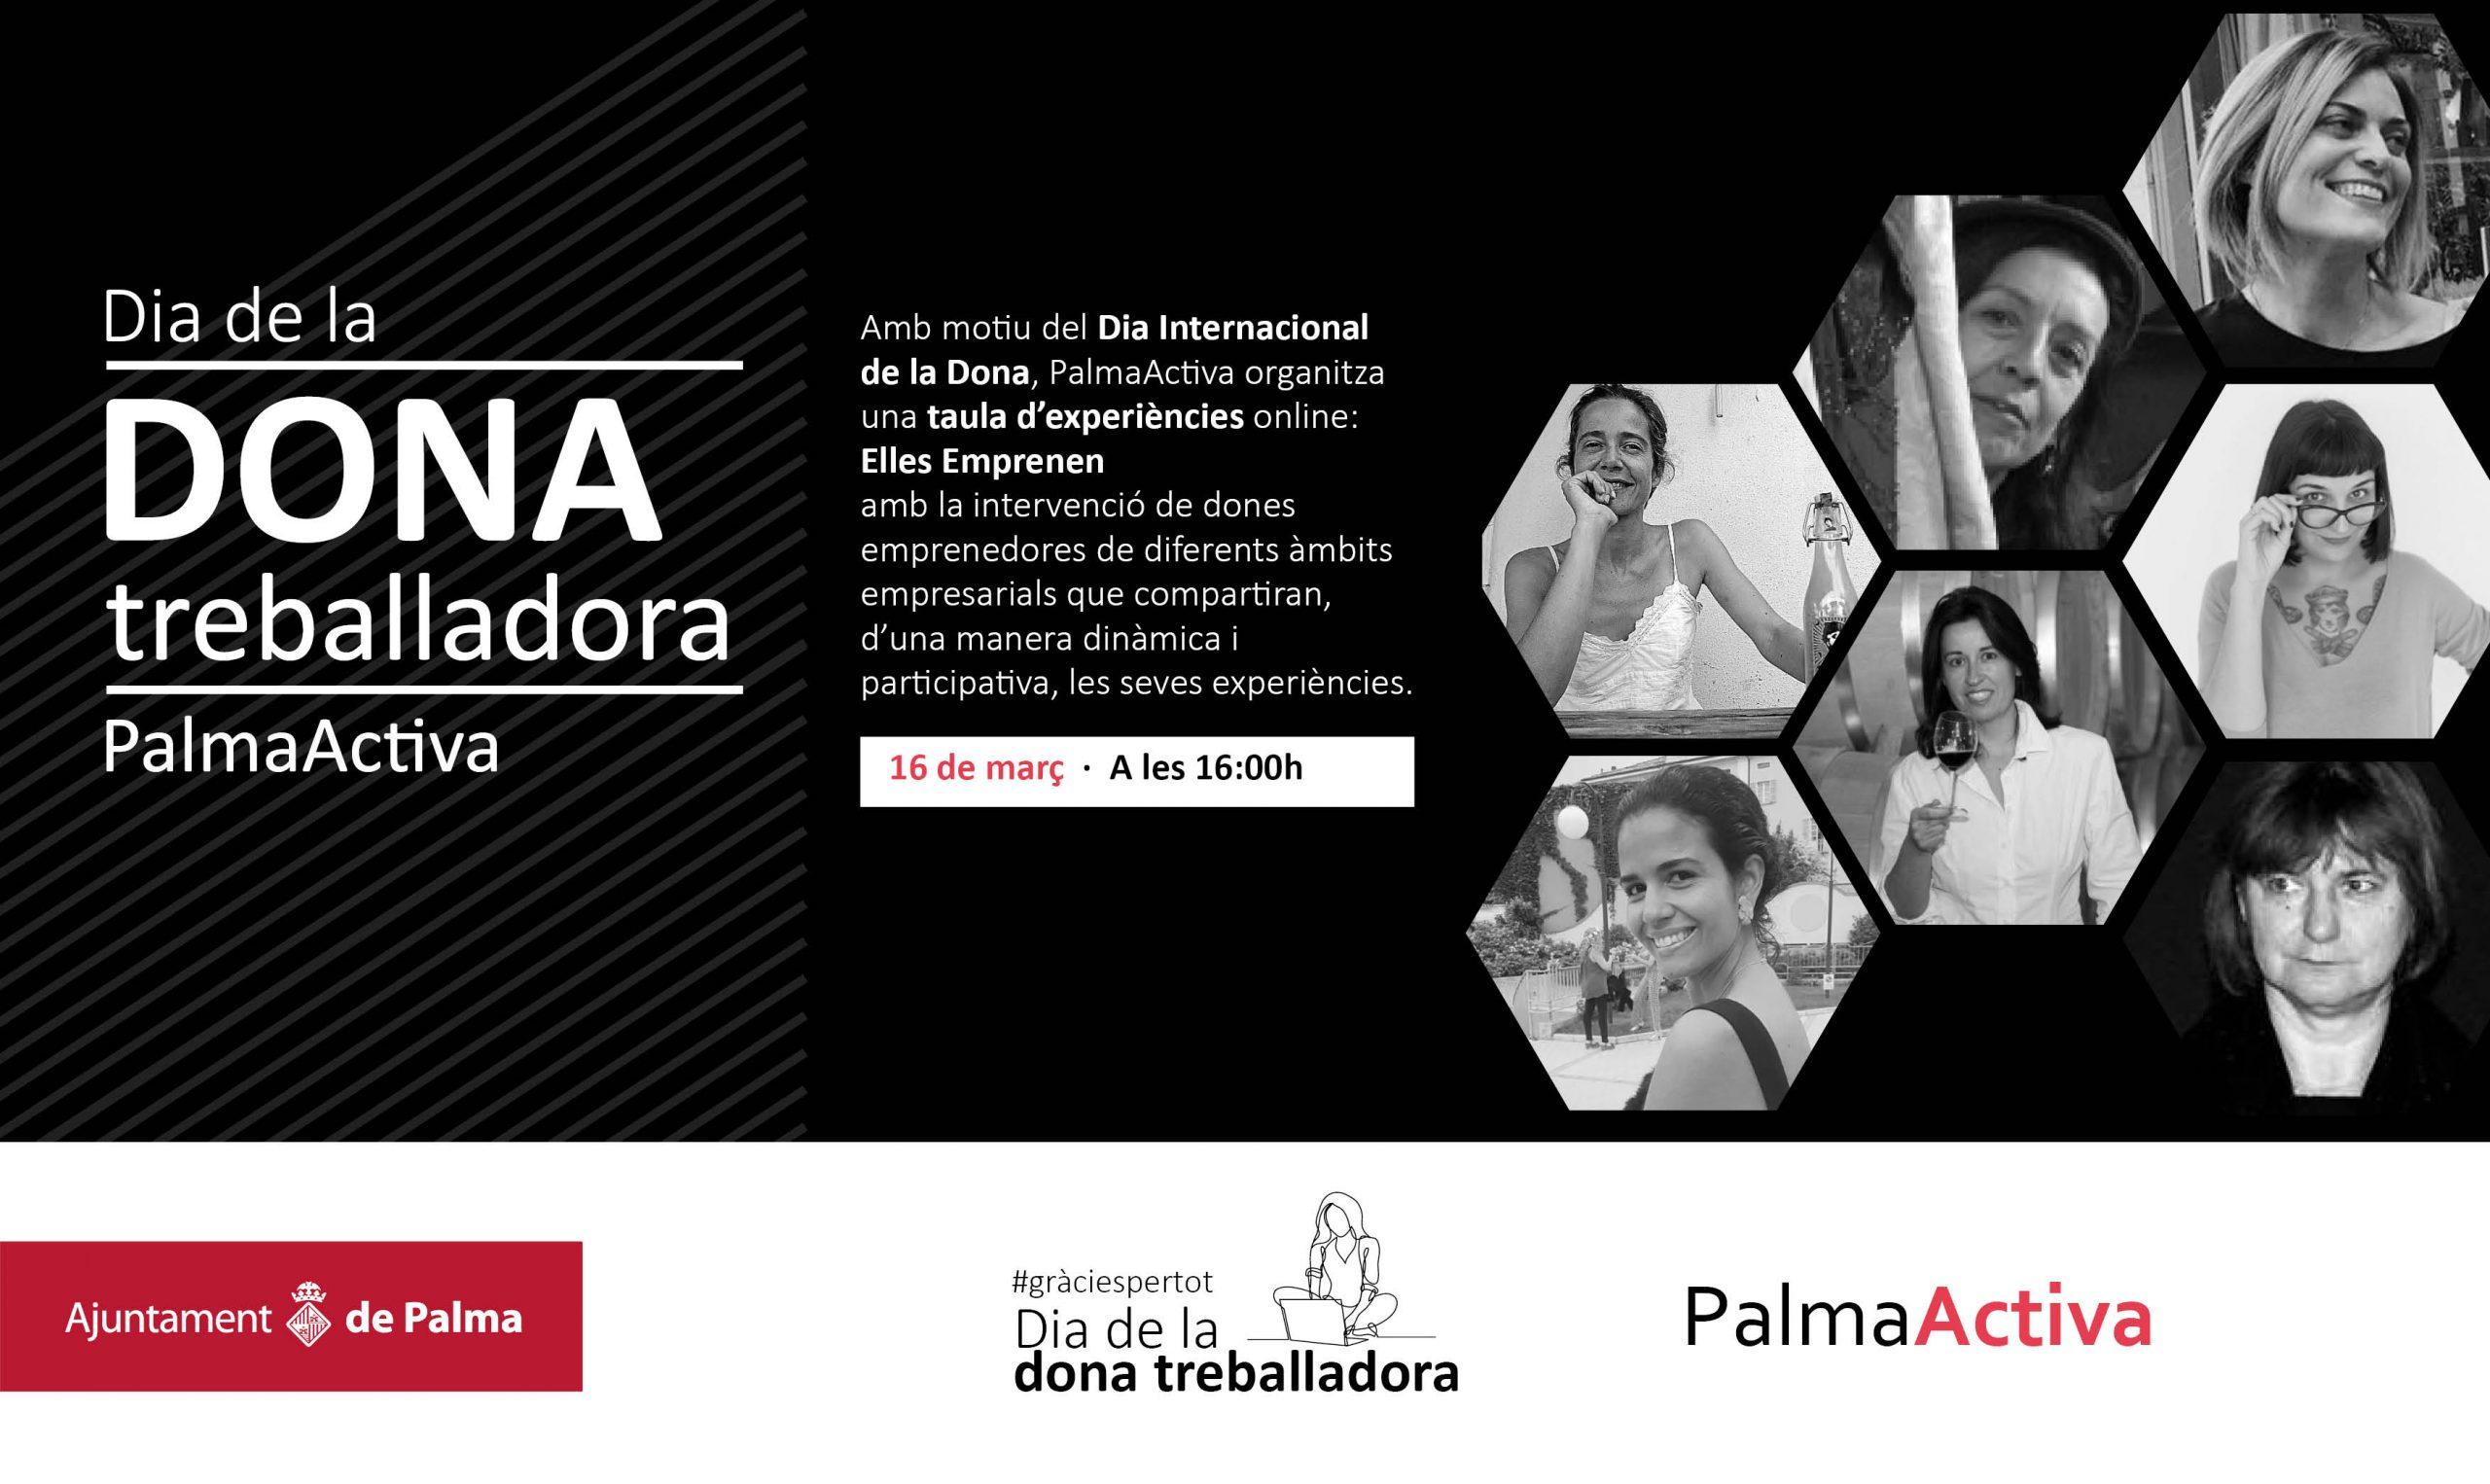 """PalmaActiva organitza la taula d'experiències """"Elles emprenen"""" amb motiu del Dia Internacional de la Dona"""